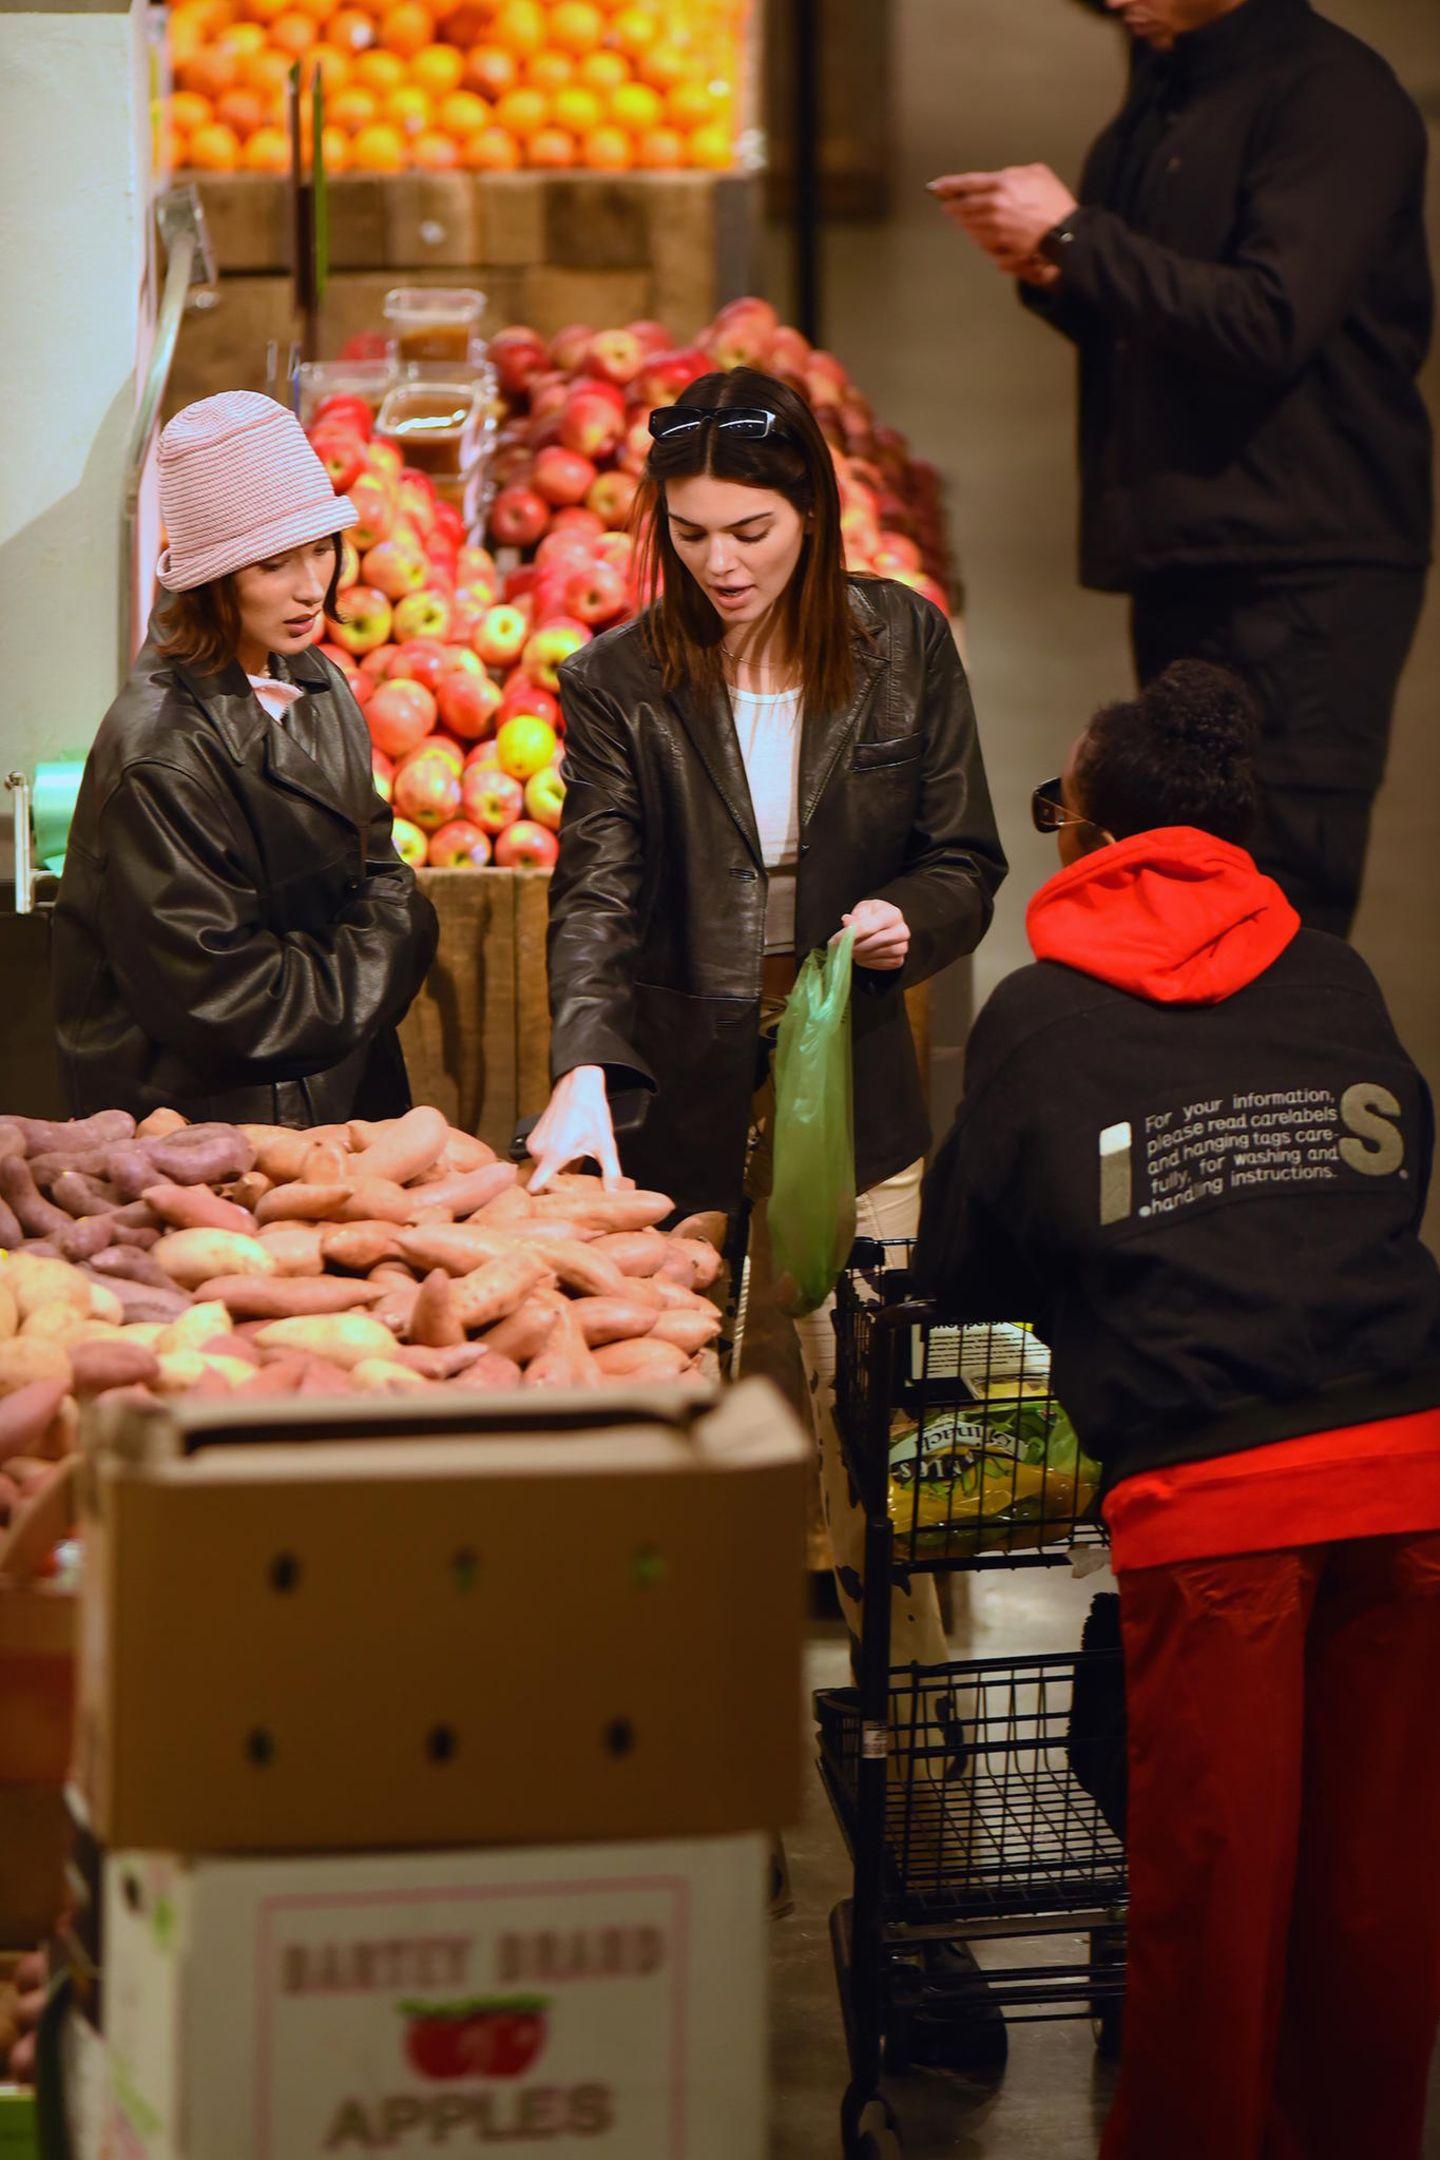 Glamour-Girls Kendall Jenner, Bella Hadid und Justine Skye achten auf ihre Ernährung und greifen auchim Supermarkt zu frischem Obst und Gemüse.